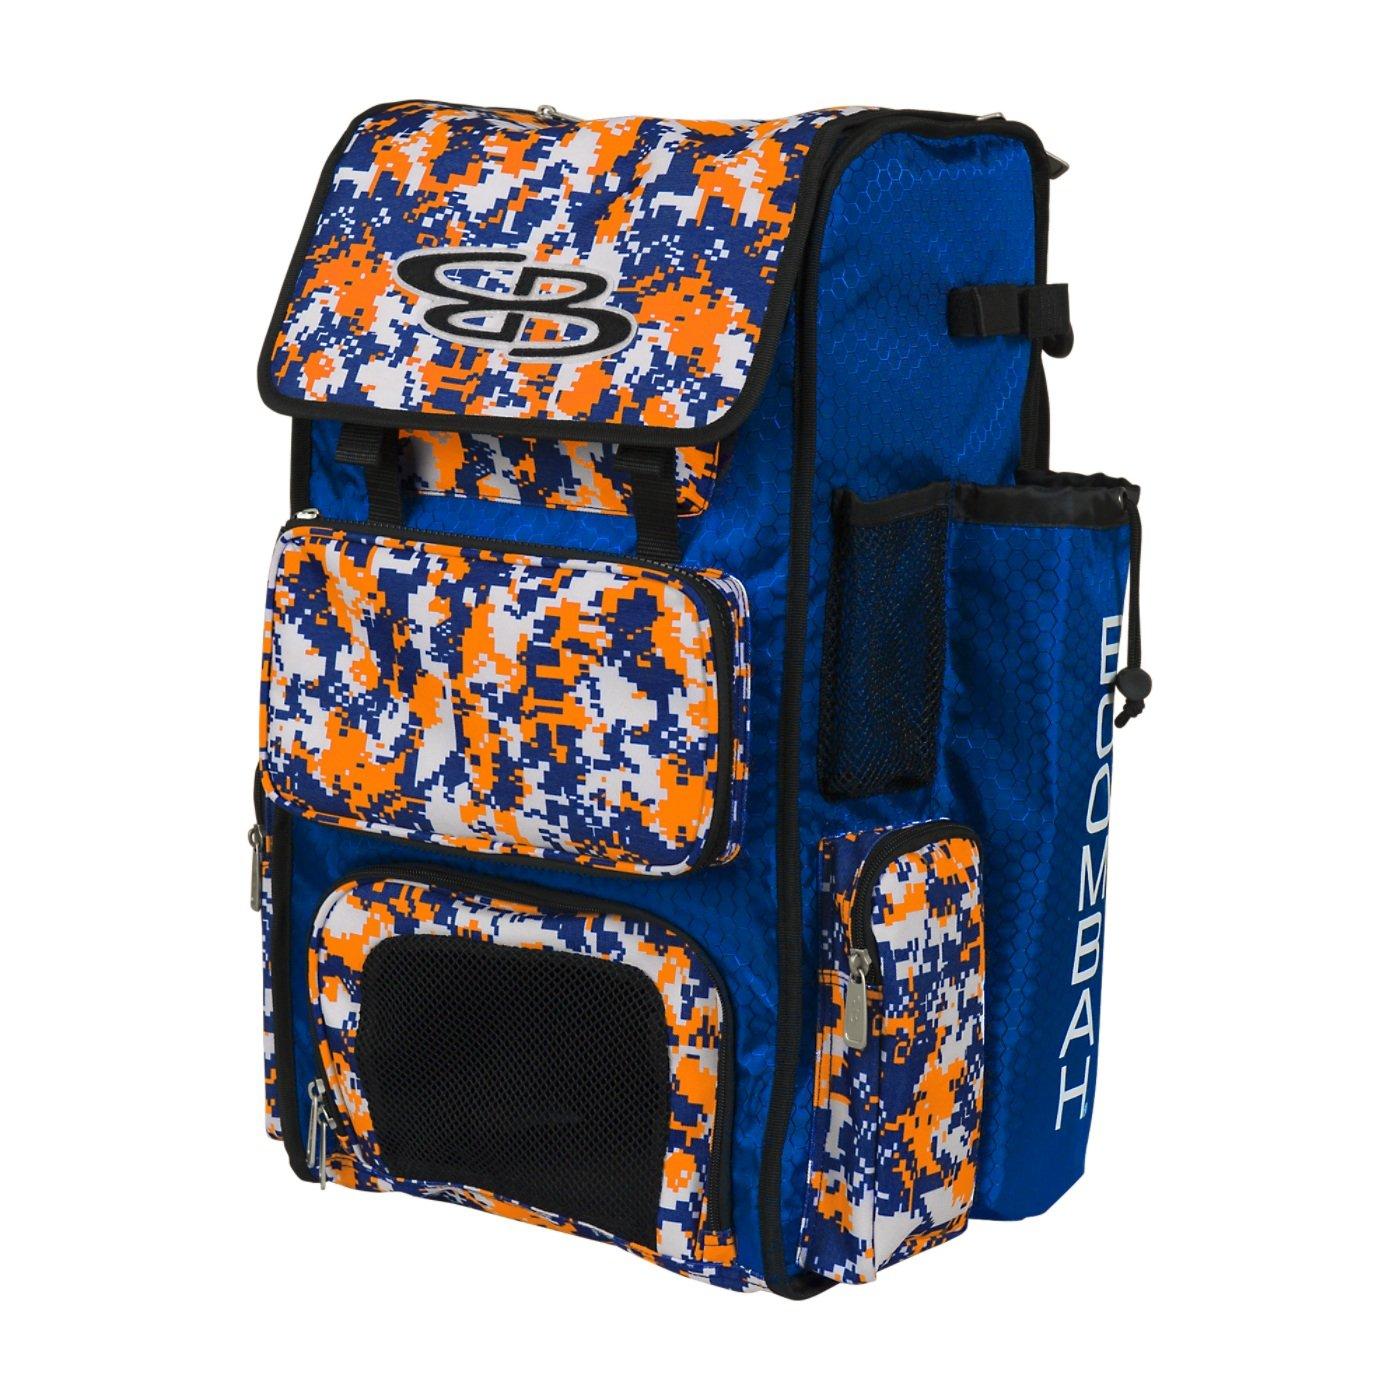 (ブームバー) Boombah スーパーパック バットパック – バックパックバージョン(車輪なし) – バット2本まで収納可 - 迷彩柄シリーズ - 20色のカラー展開 – 野球またはソフトボール用 B01NB9VGT5 Orange/Royal Orange/Royal